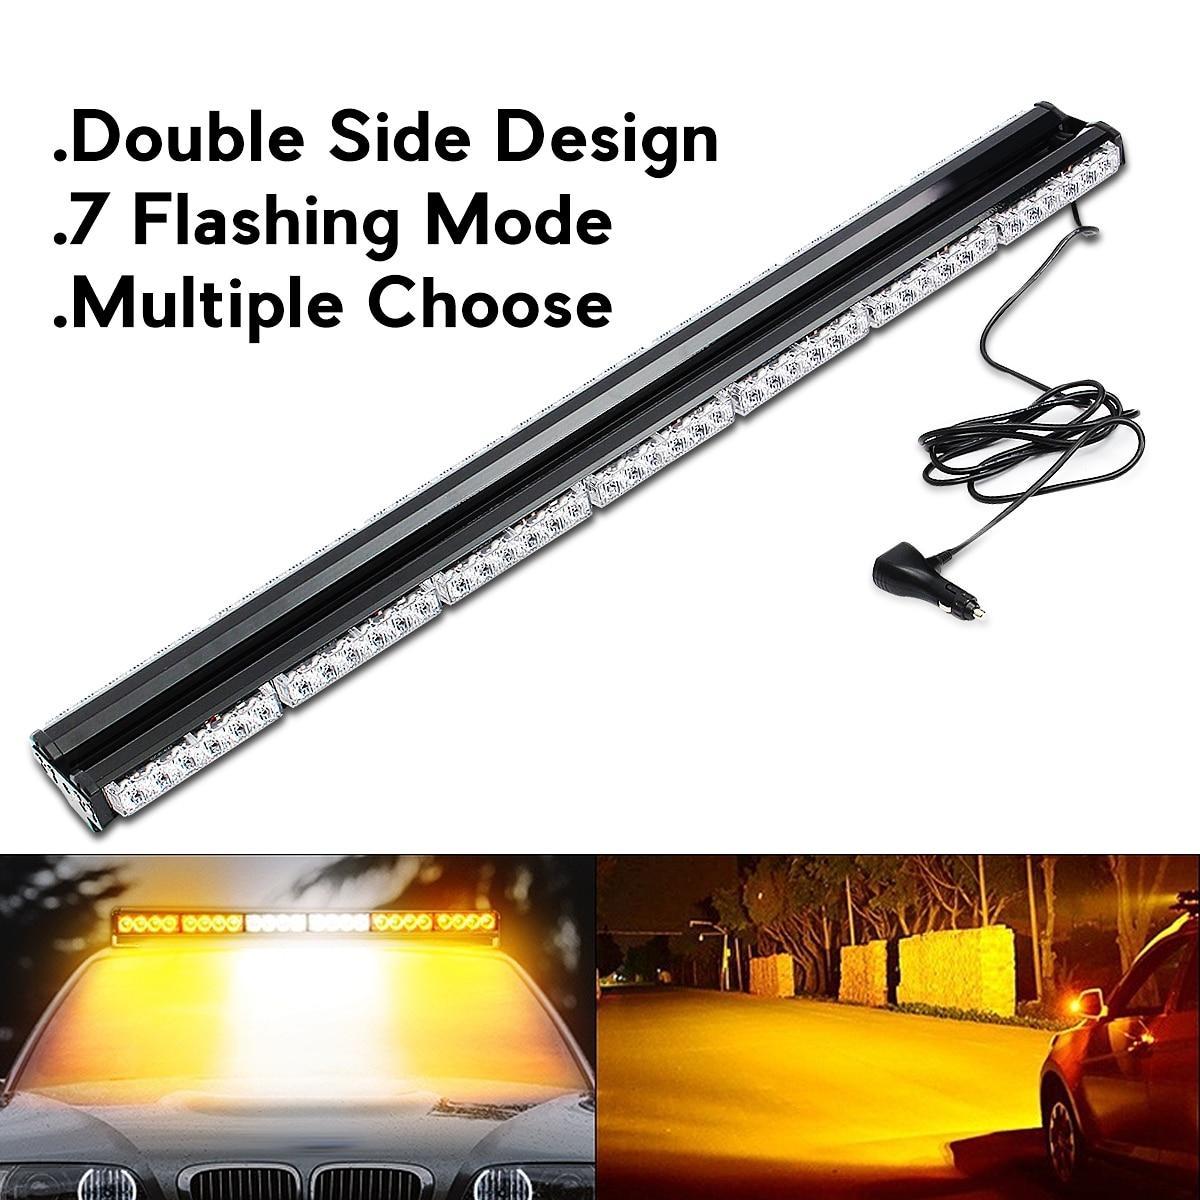 Новый светодио дный 84 светодиодный двухсторонний автомобиль вспышка свет бар Маяк аварийный свет Storbe Янтарный Белый цвет 12 В в В 24 В светоди